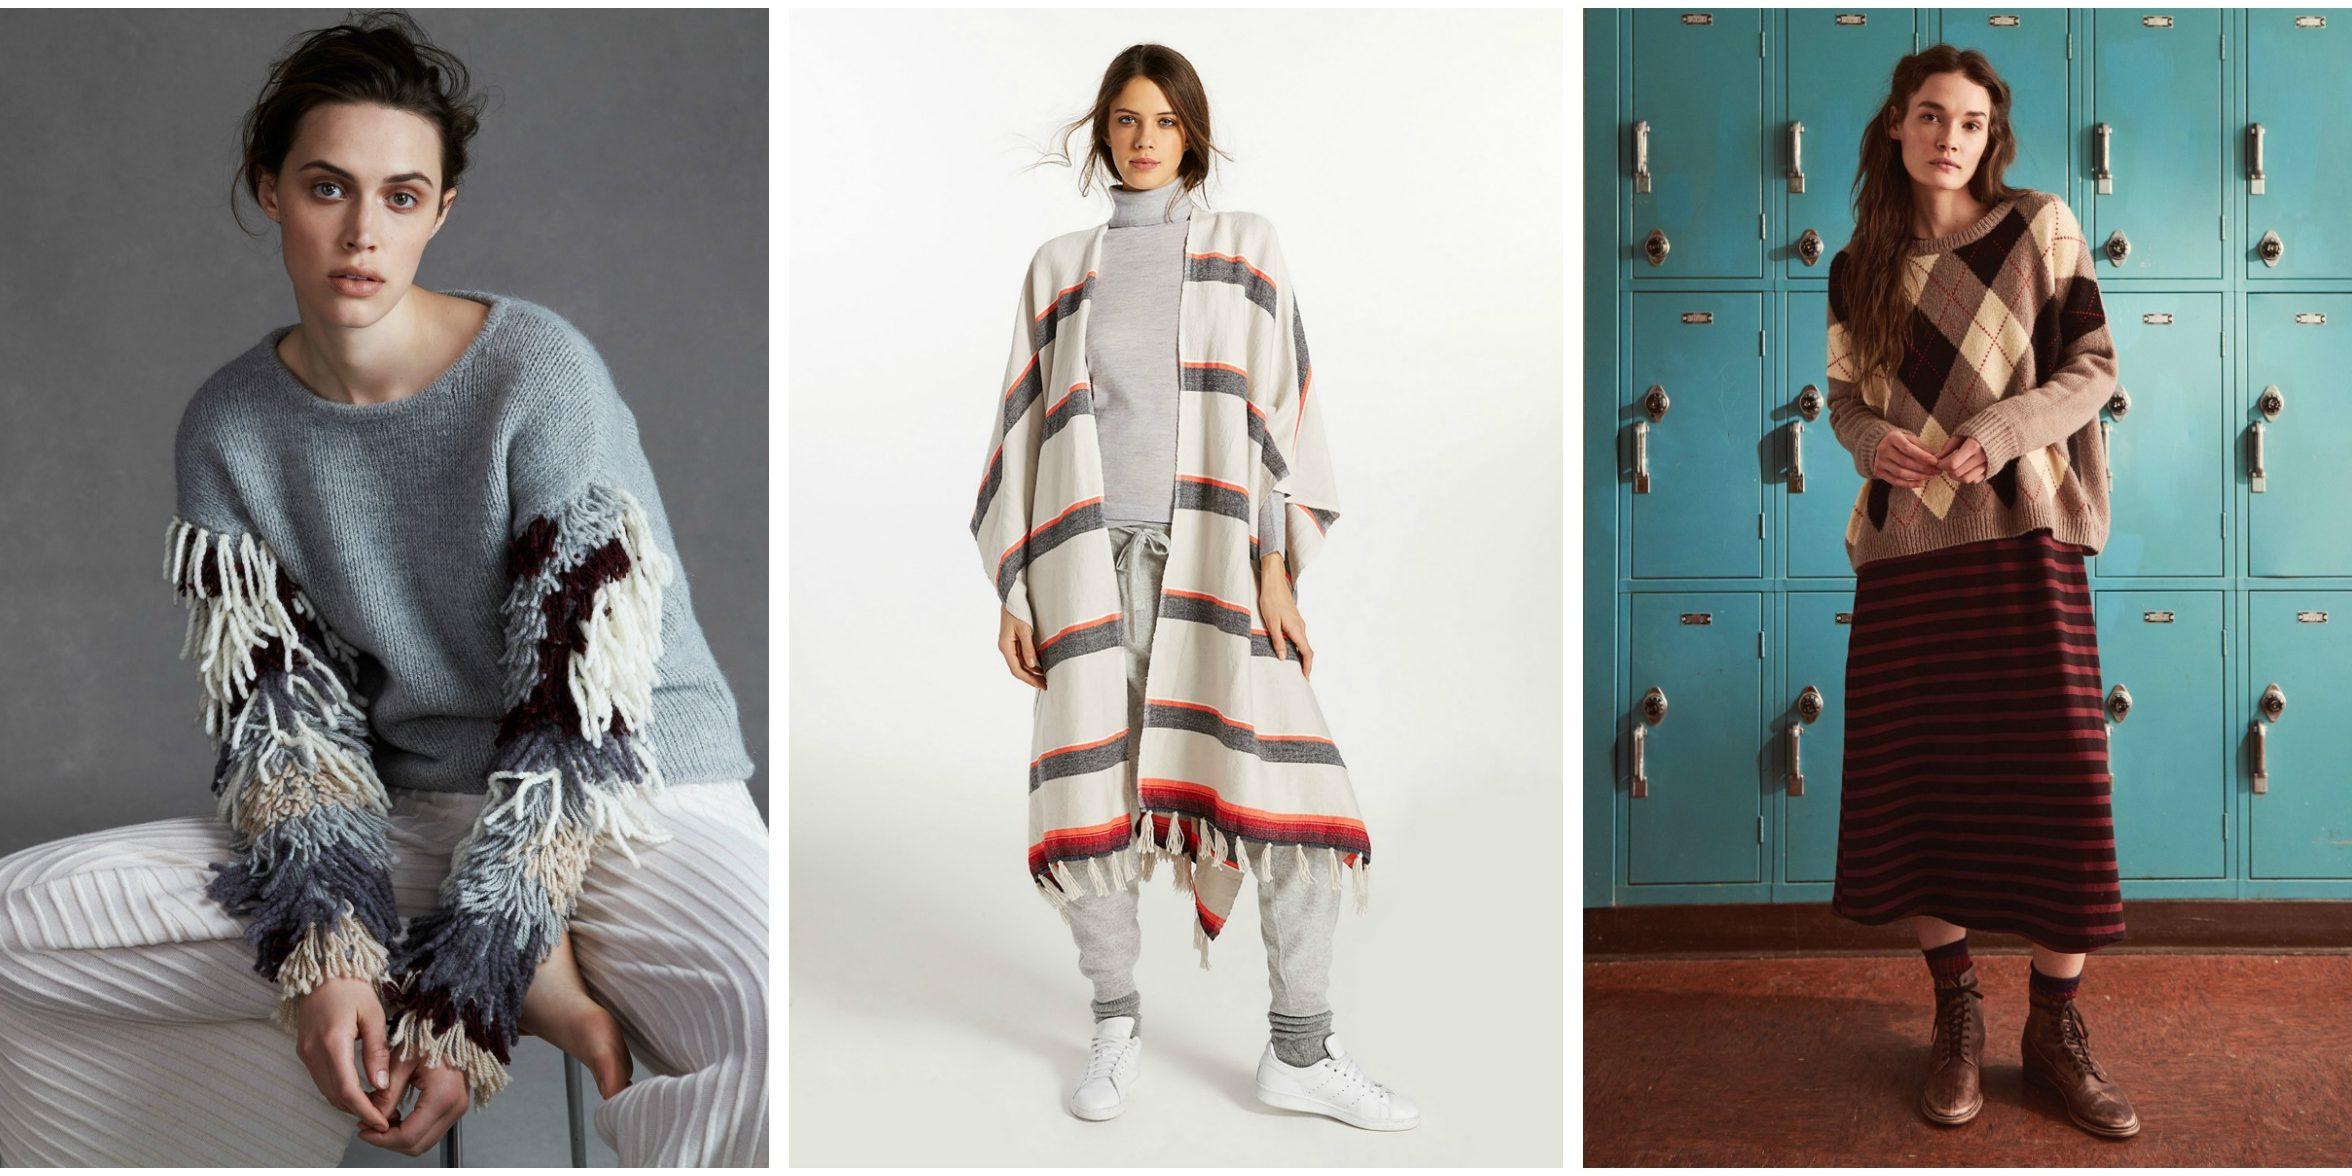 Как выбрать модные и красивые вещи